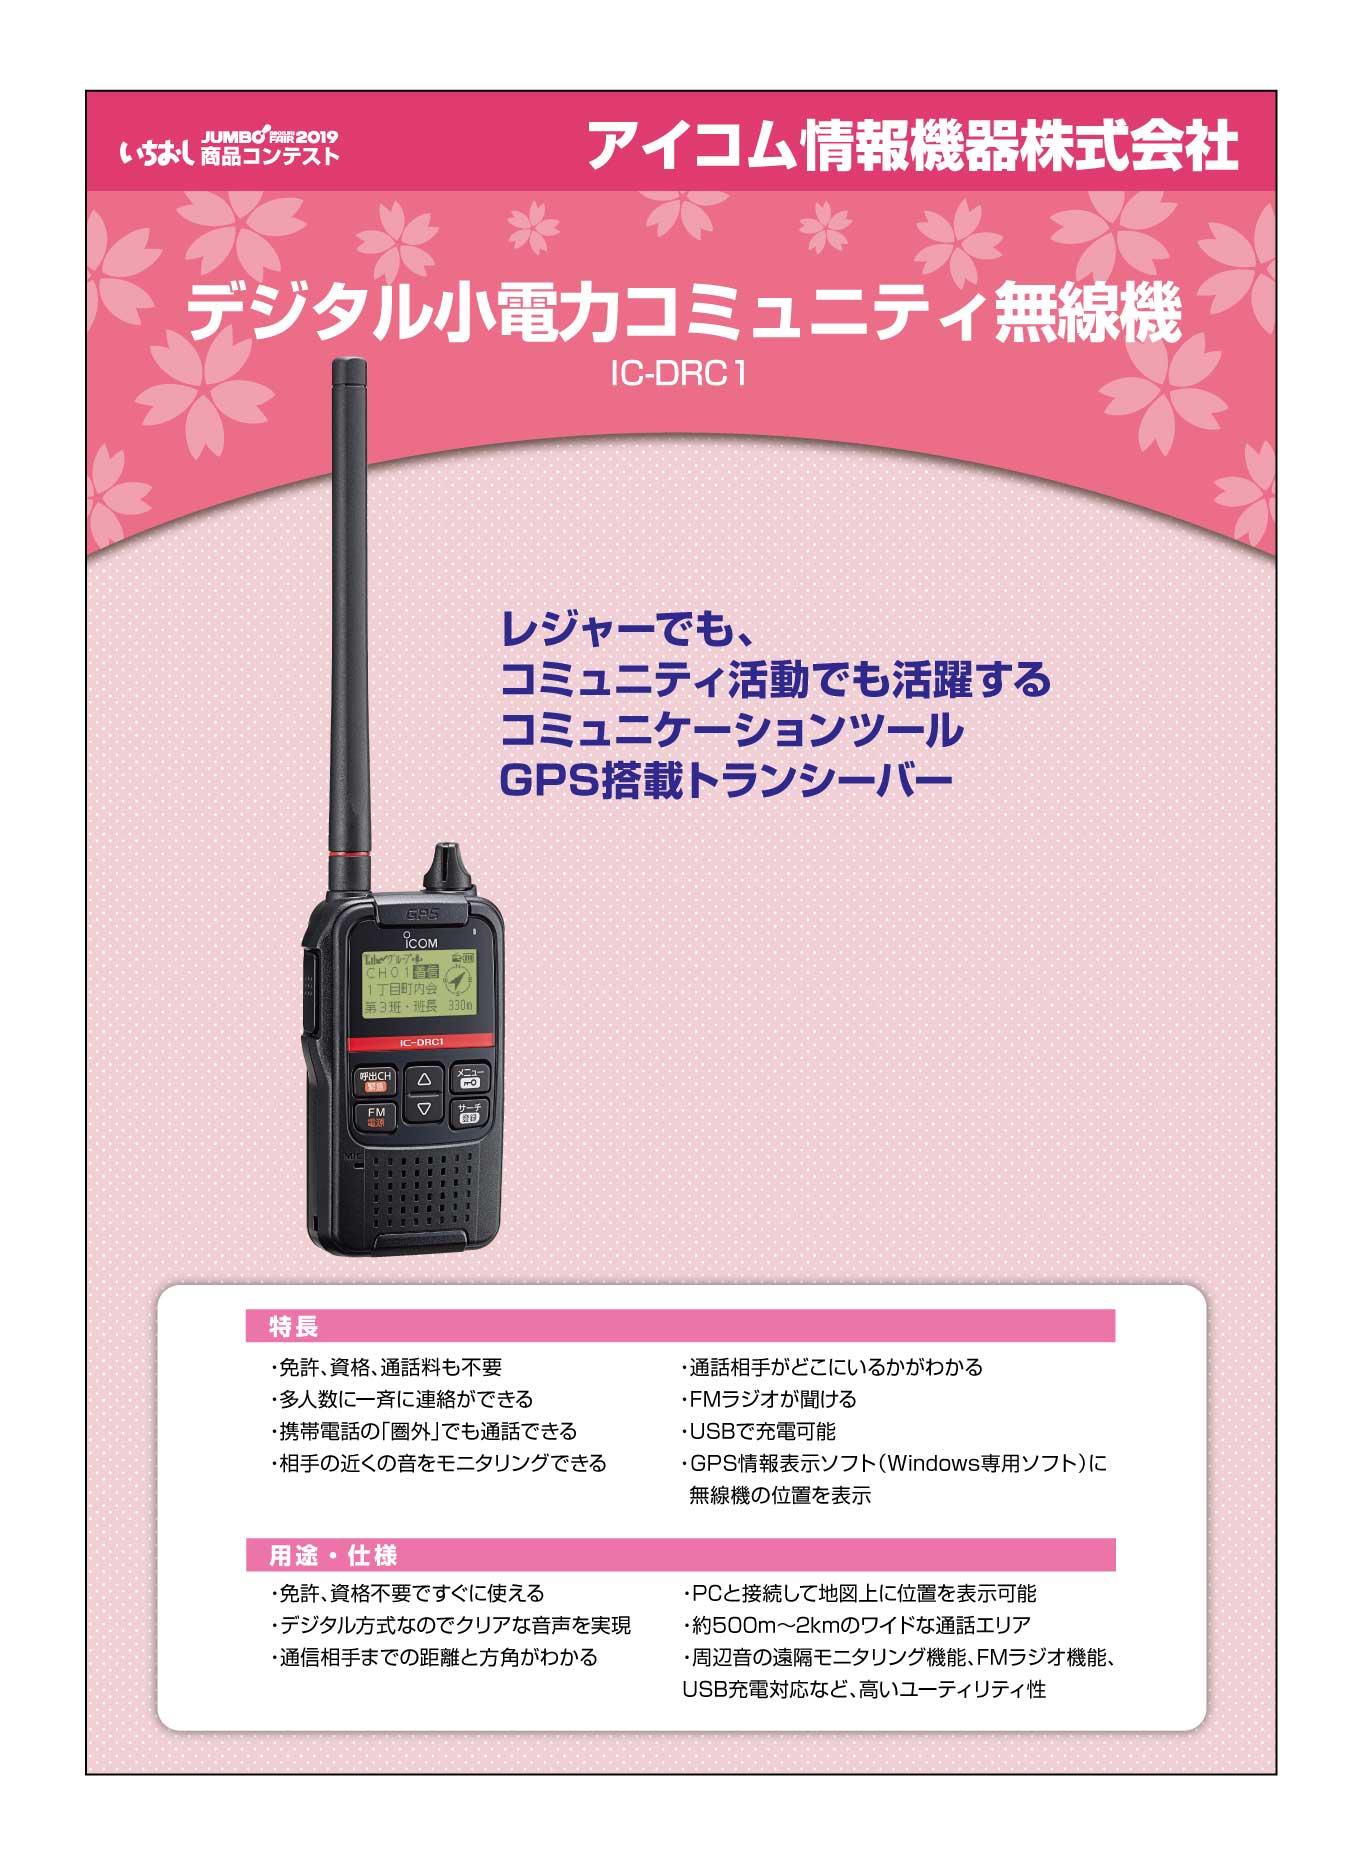 「デジタル小電力コミュニティ無線機」アイコム情報機器株式会社の画像